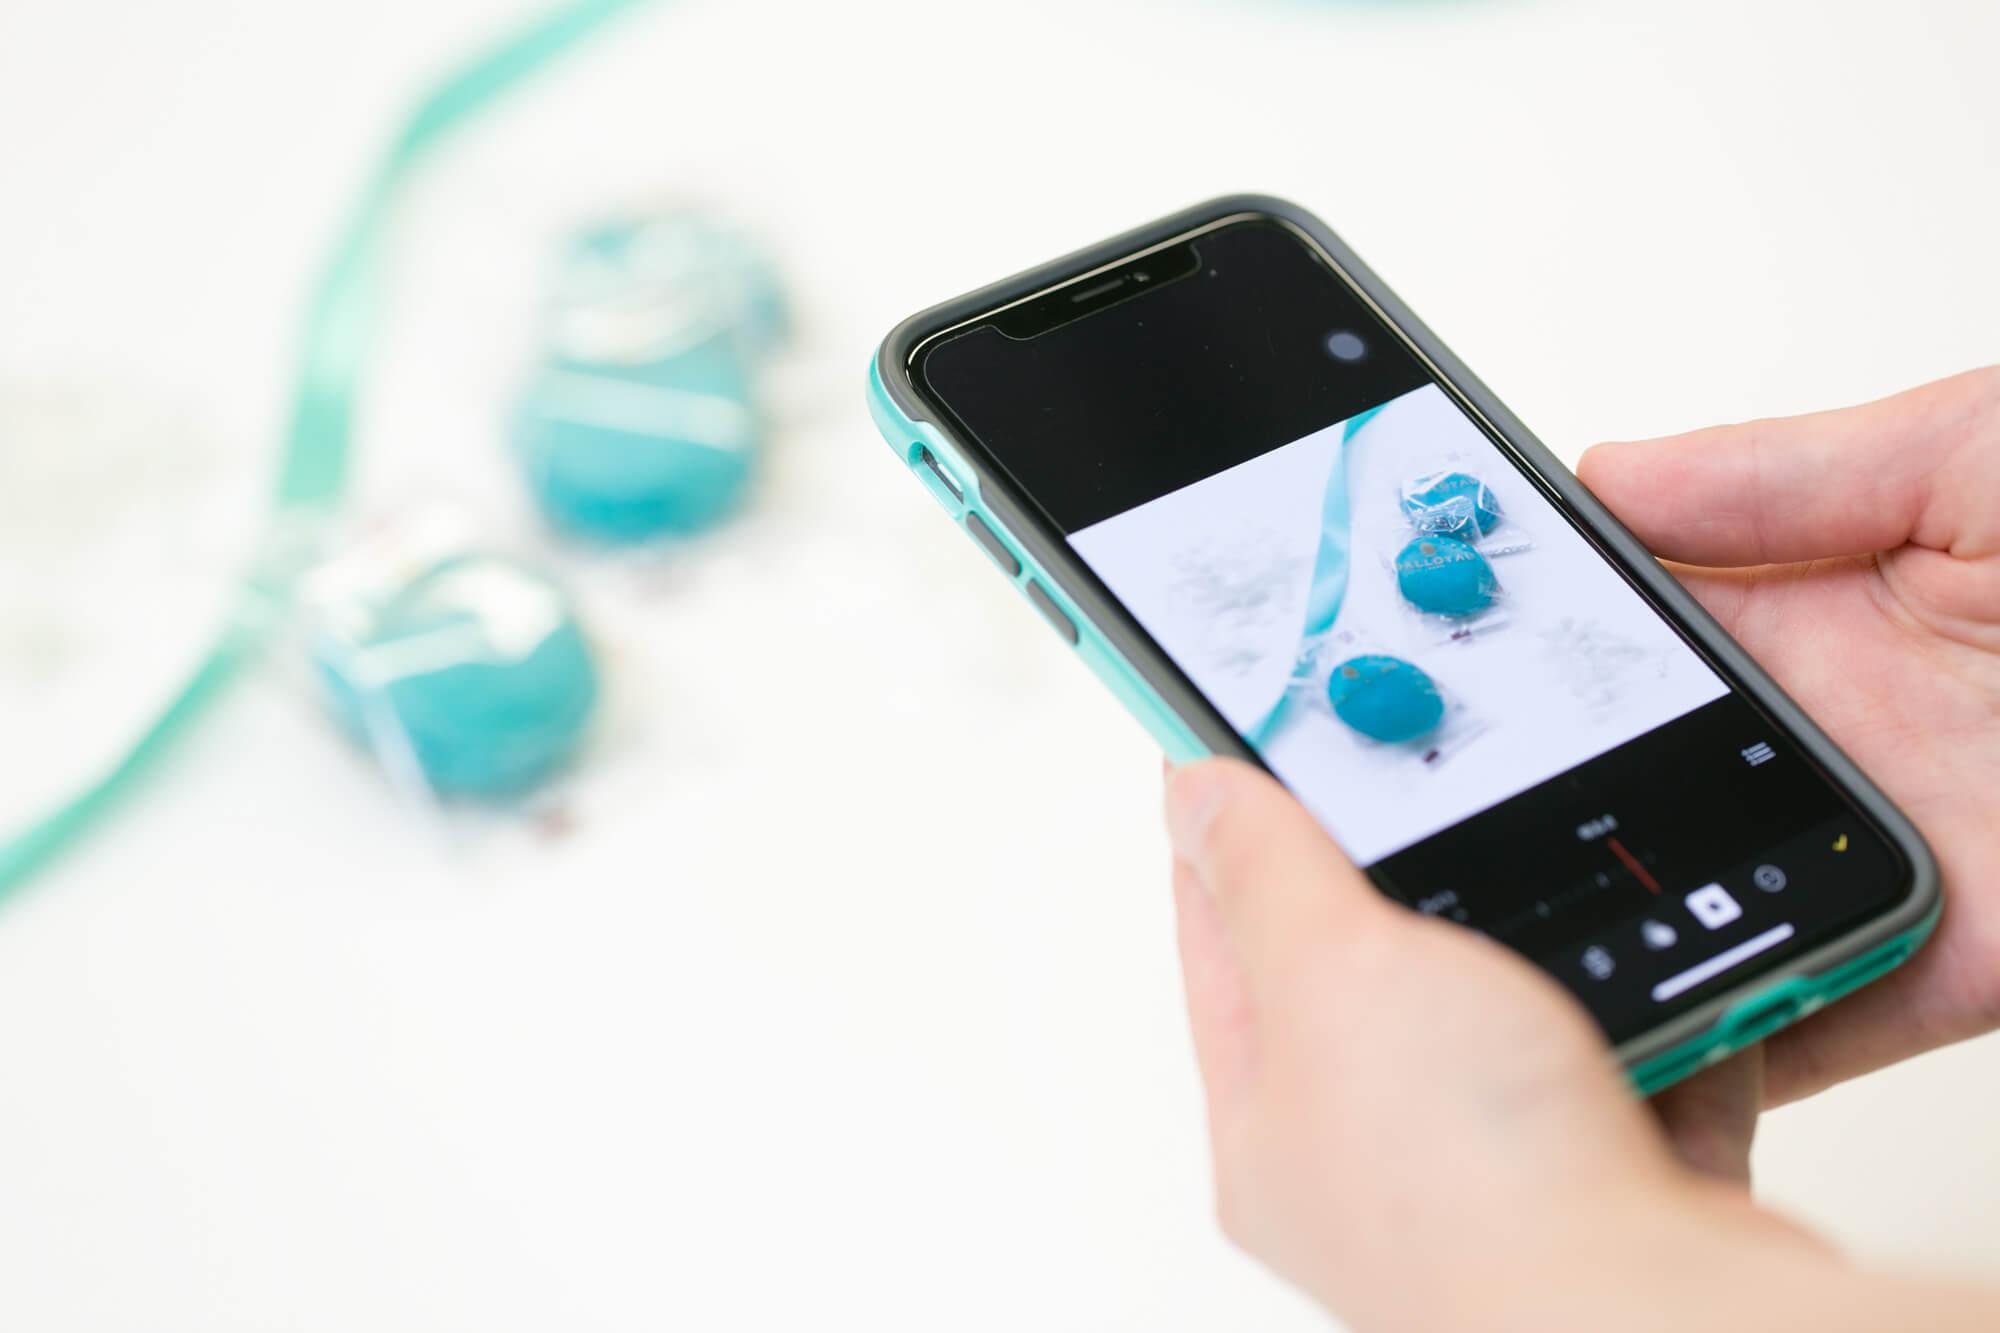 アプリで撮影したダロワイヨのショコラミント マカロン